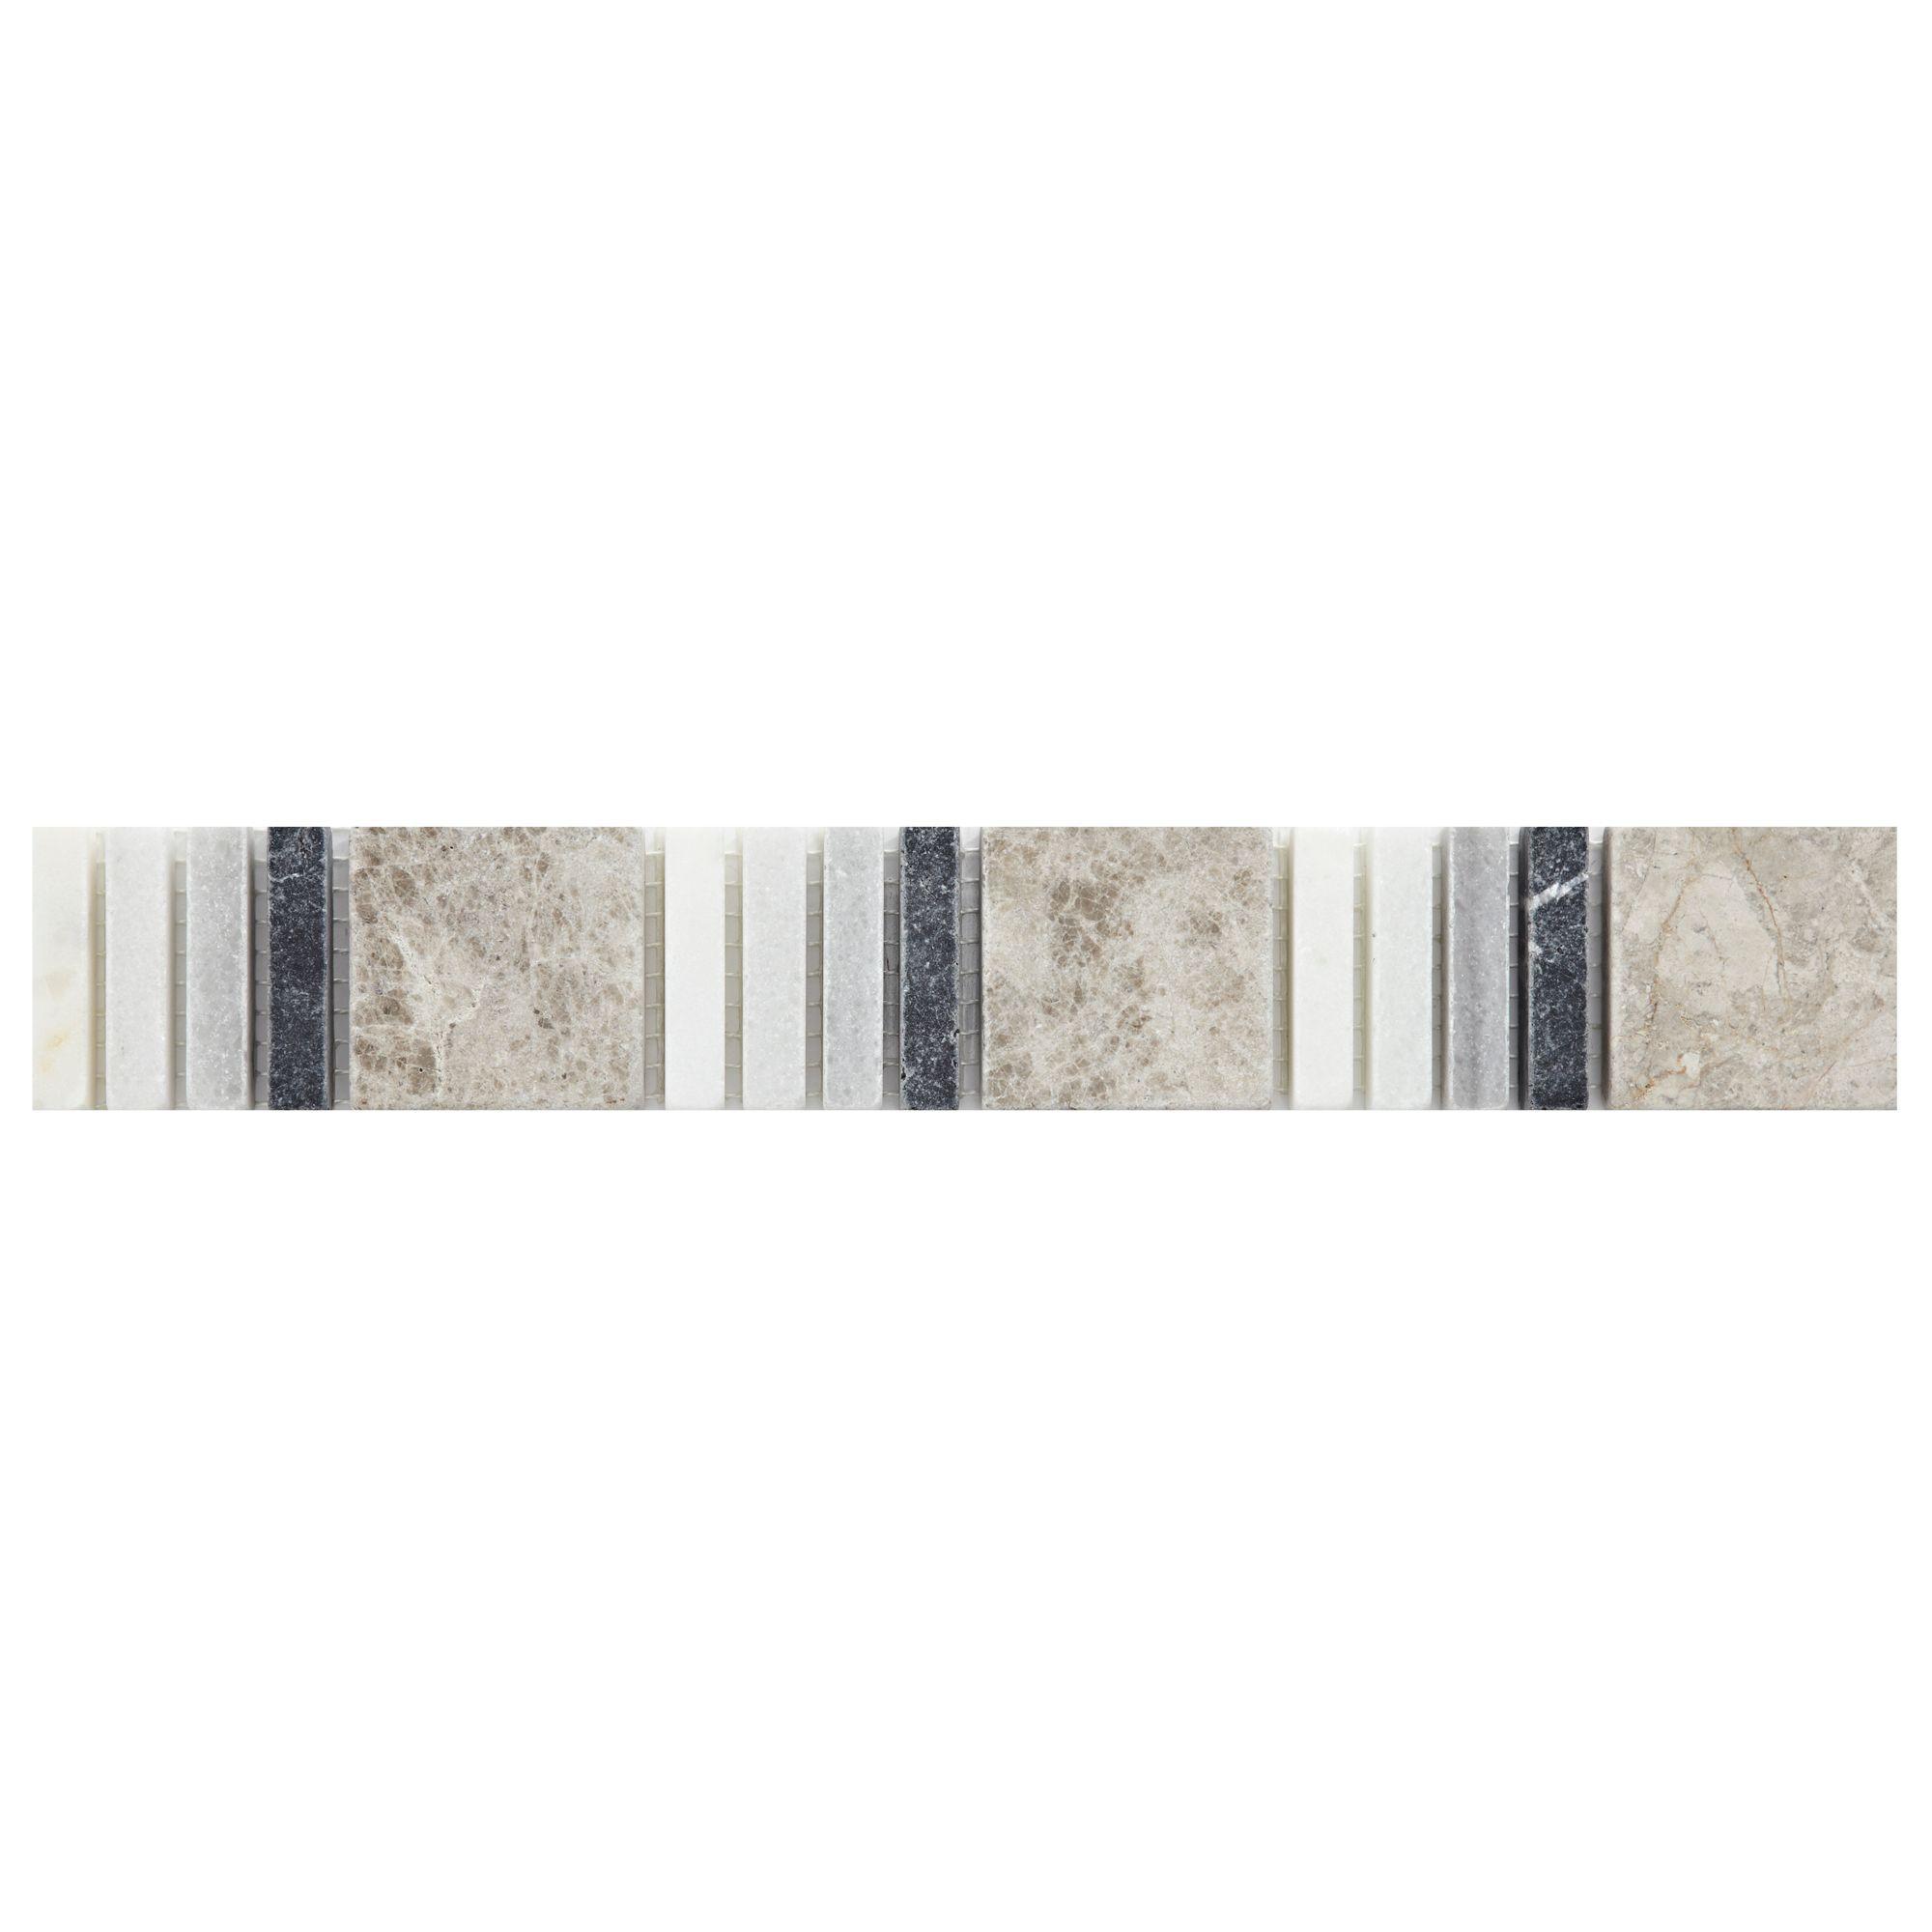 black white grey mosaic marble border tile l 305mm w. Black Bedroom Furniture Sets. Home Design Ideas